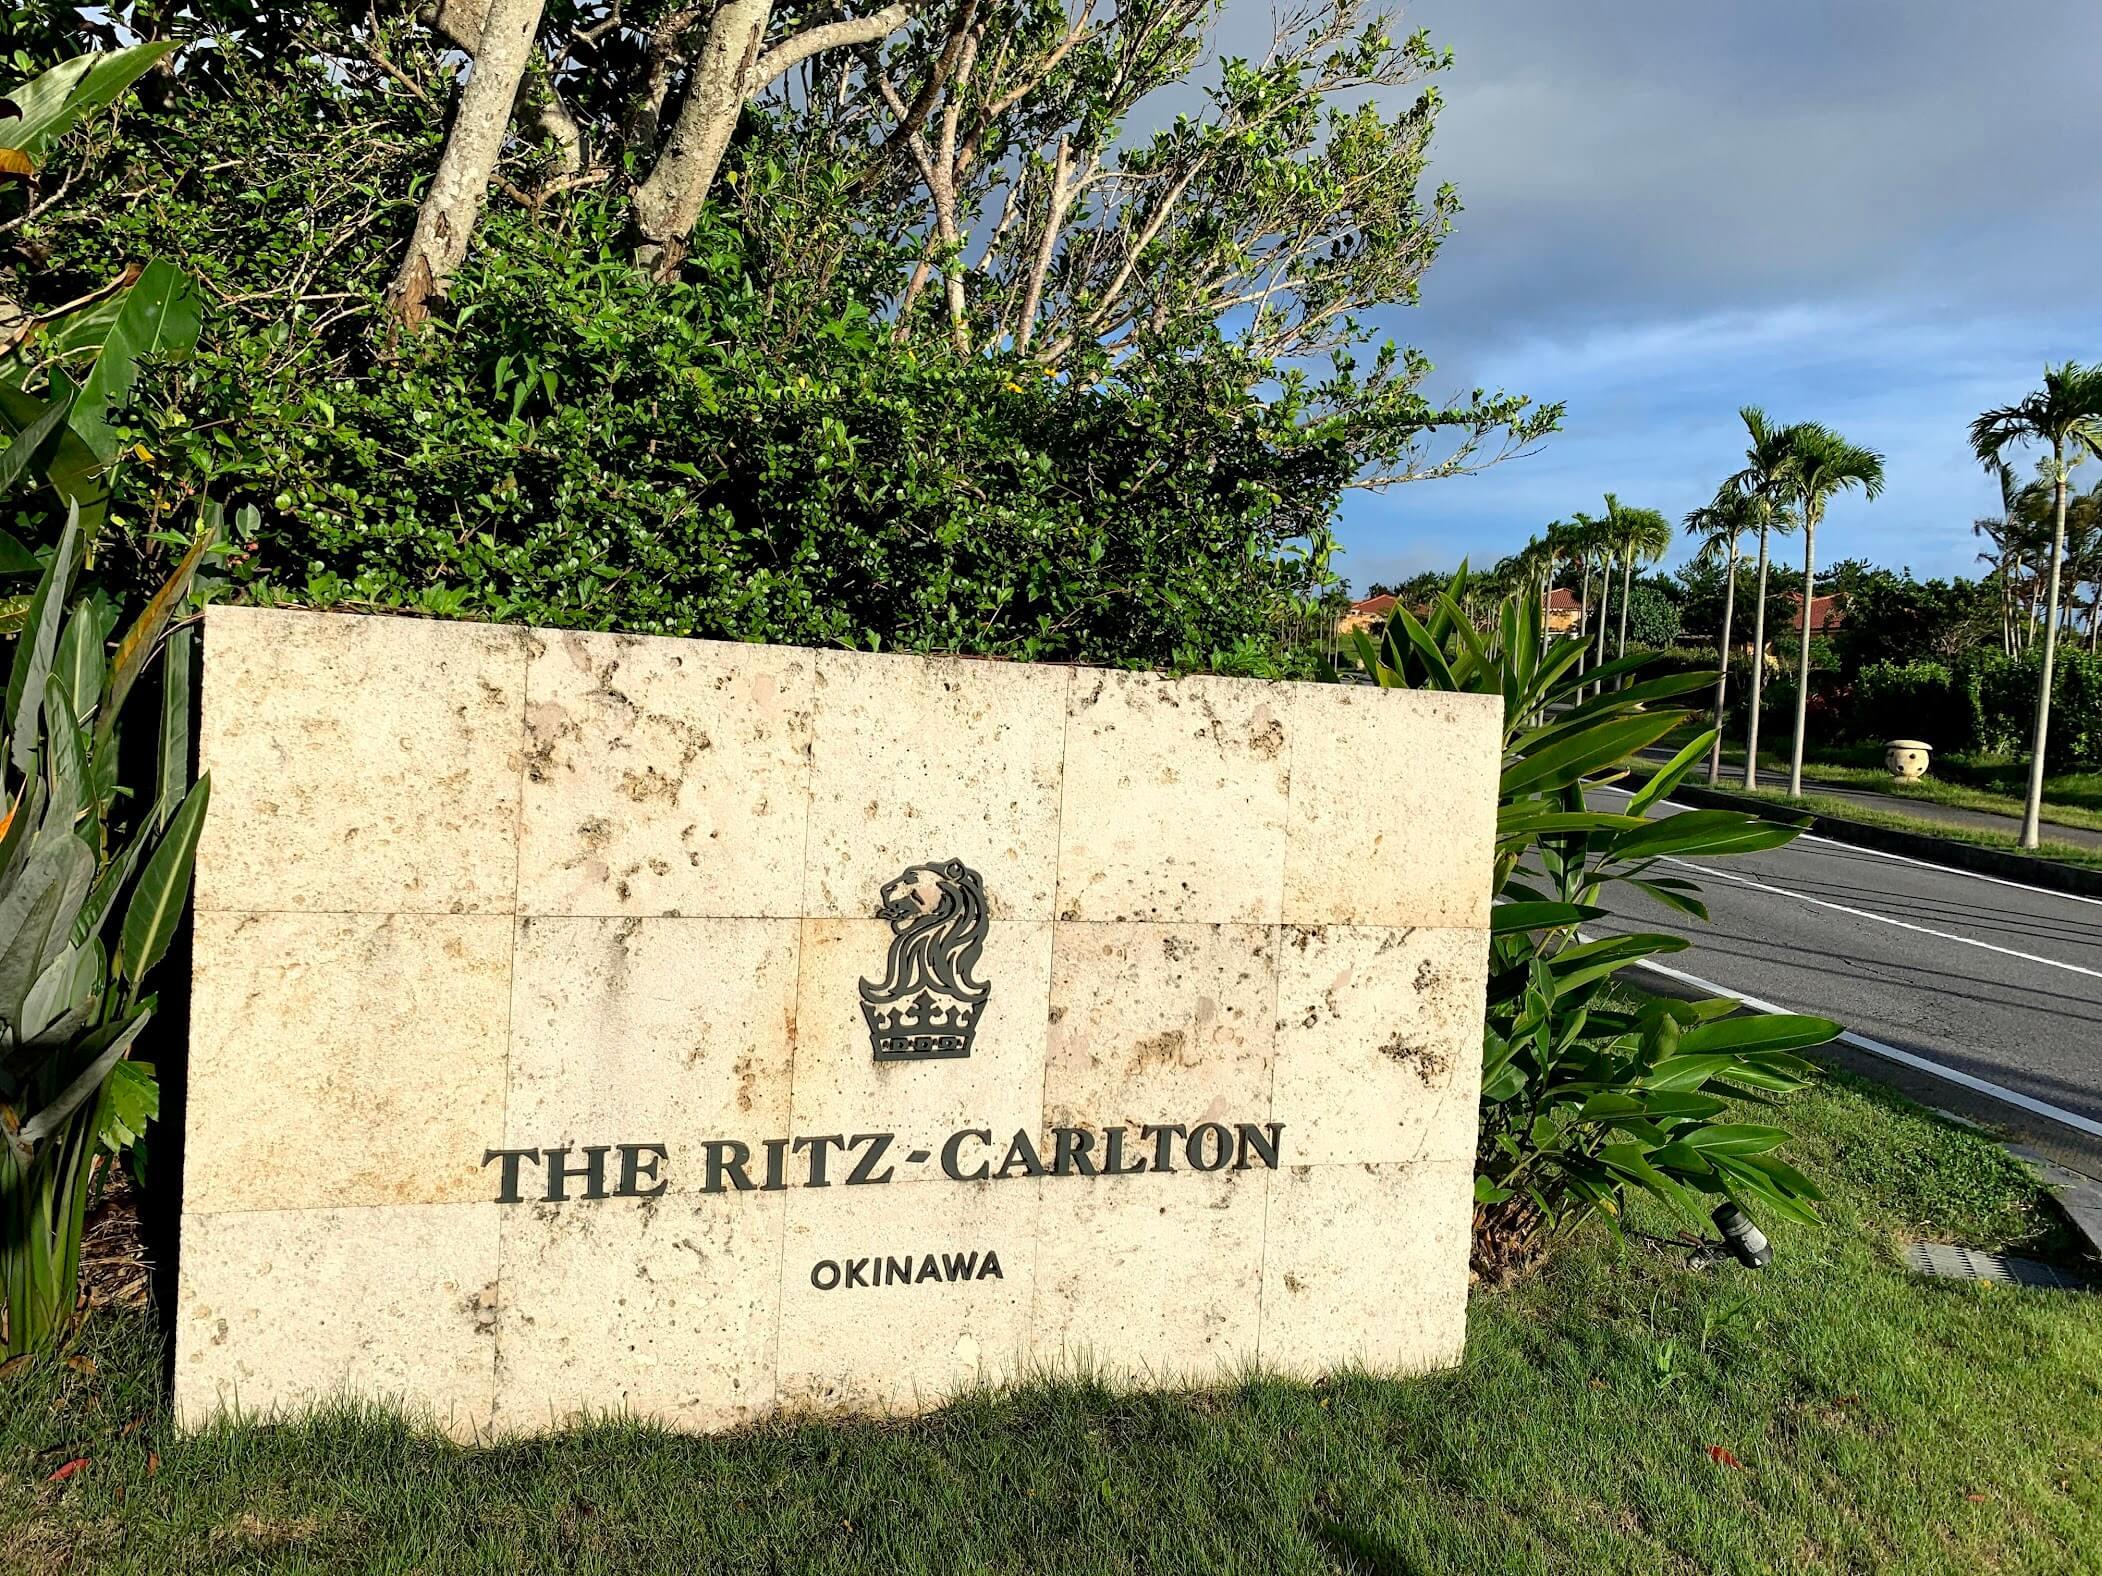 ザ・リッツ・カールトン沖縄 リッツカールトン沖縄子連れ 子連れ沖縄ブログ